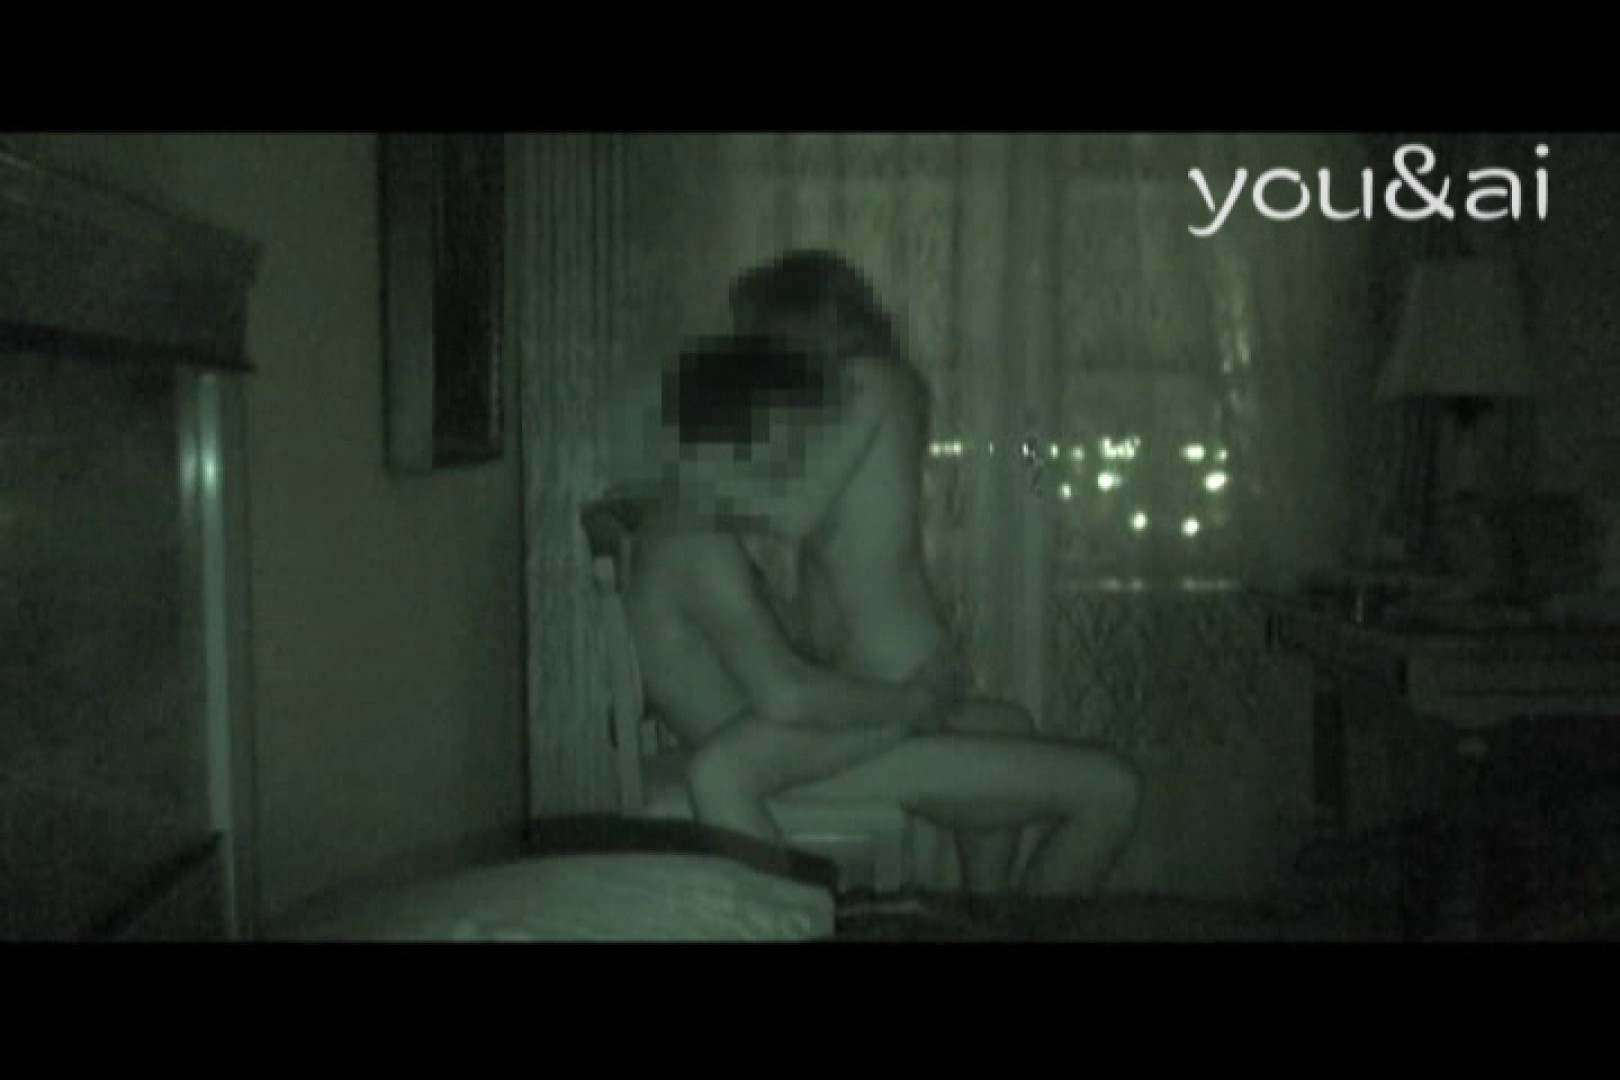 おしどり夫婦のyou&aiさん投稿作品vol.10 ホテル   美女OL  104連発 19